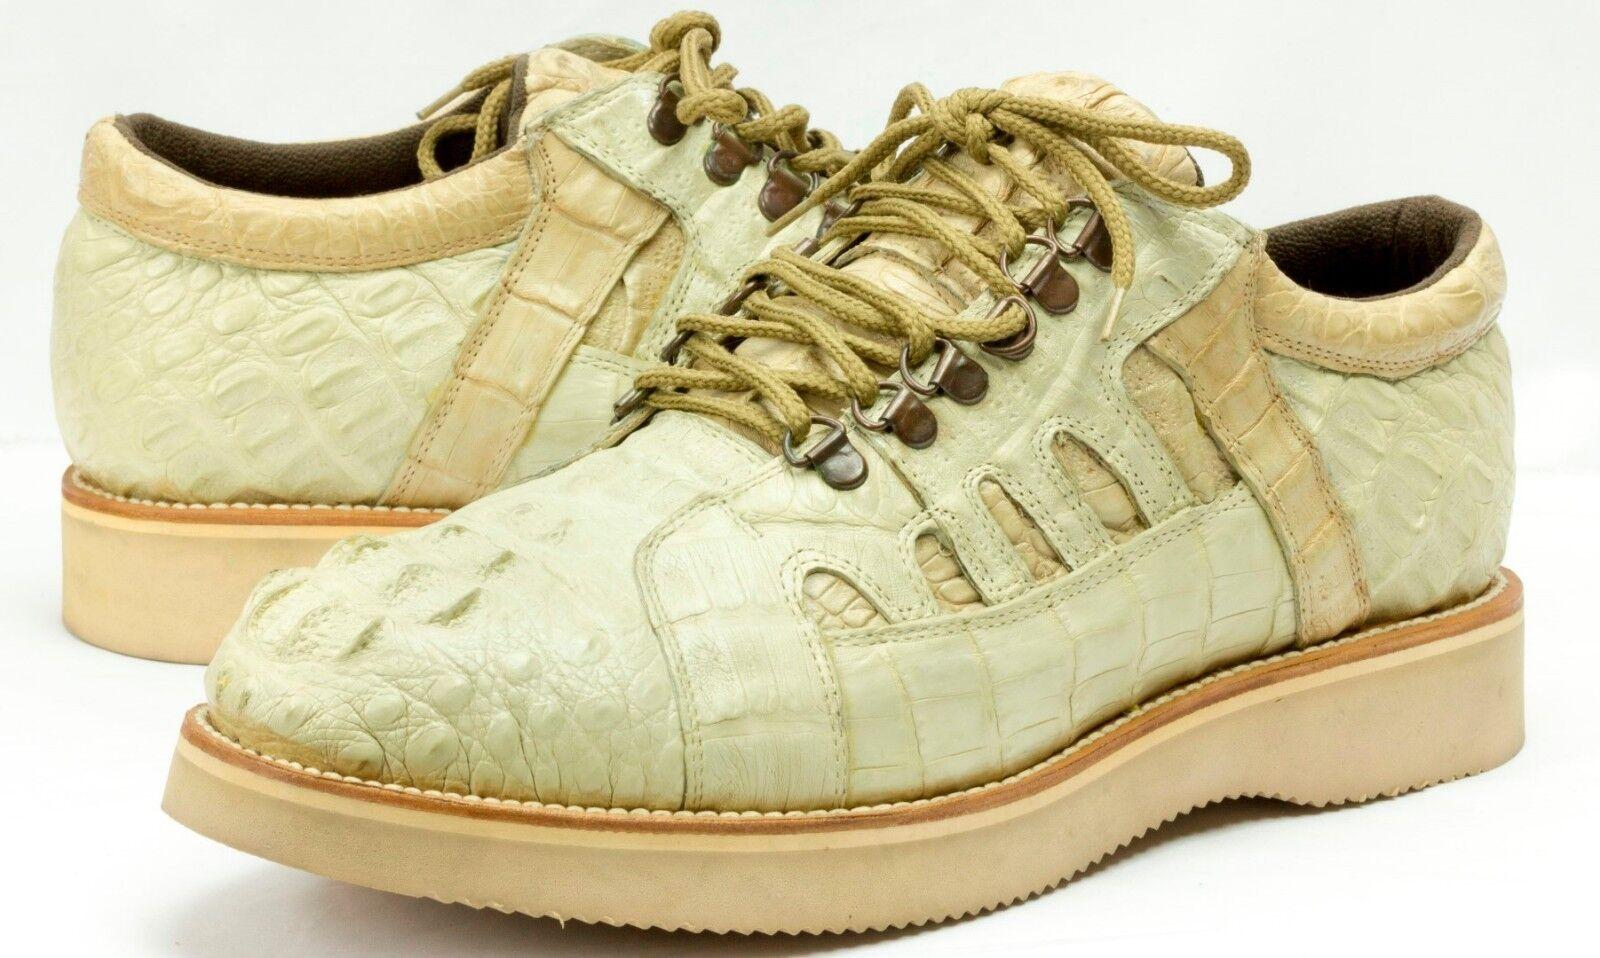 Uomo Sand Crocodile Exotic Skin Shoes Western Cowboy  Size 12.5